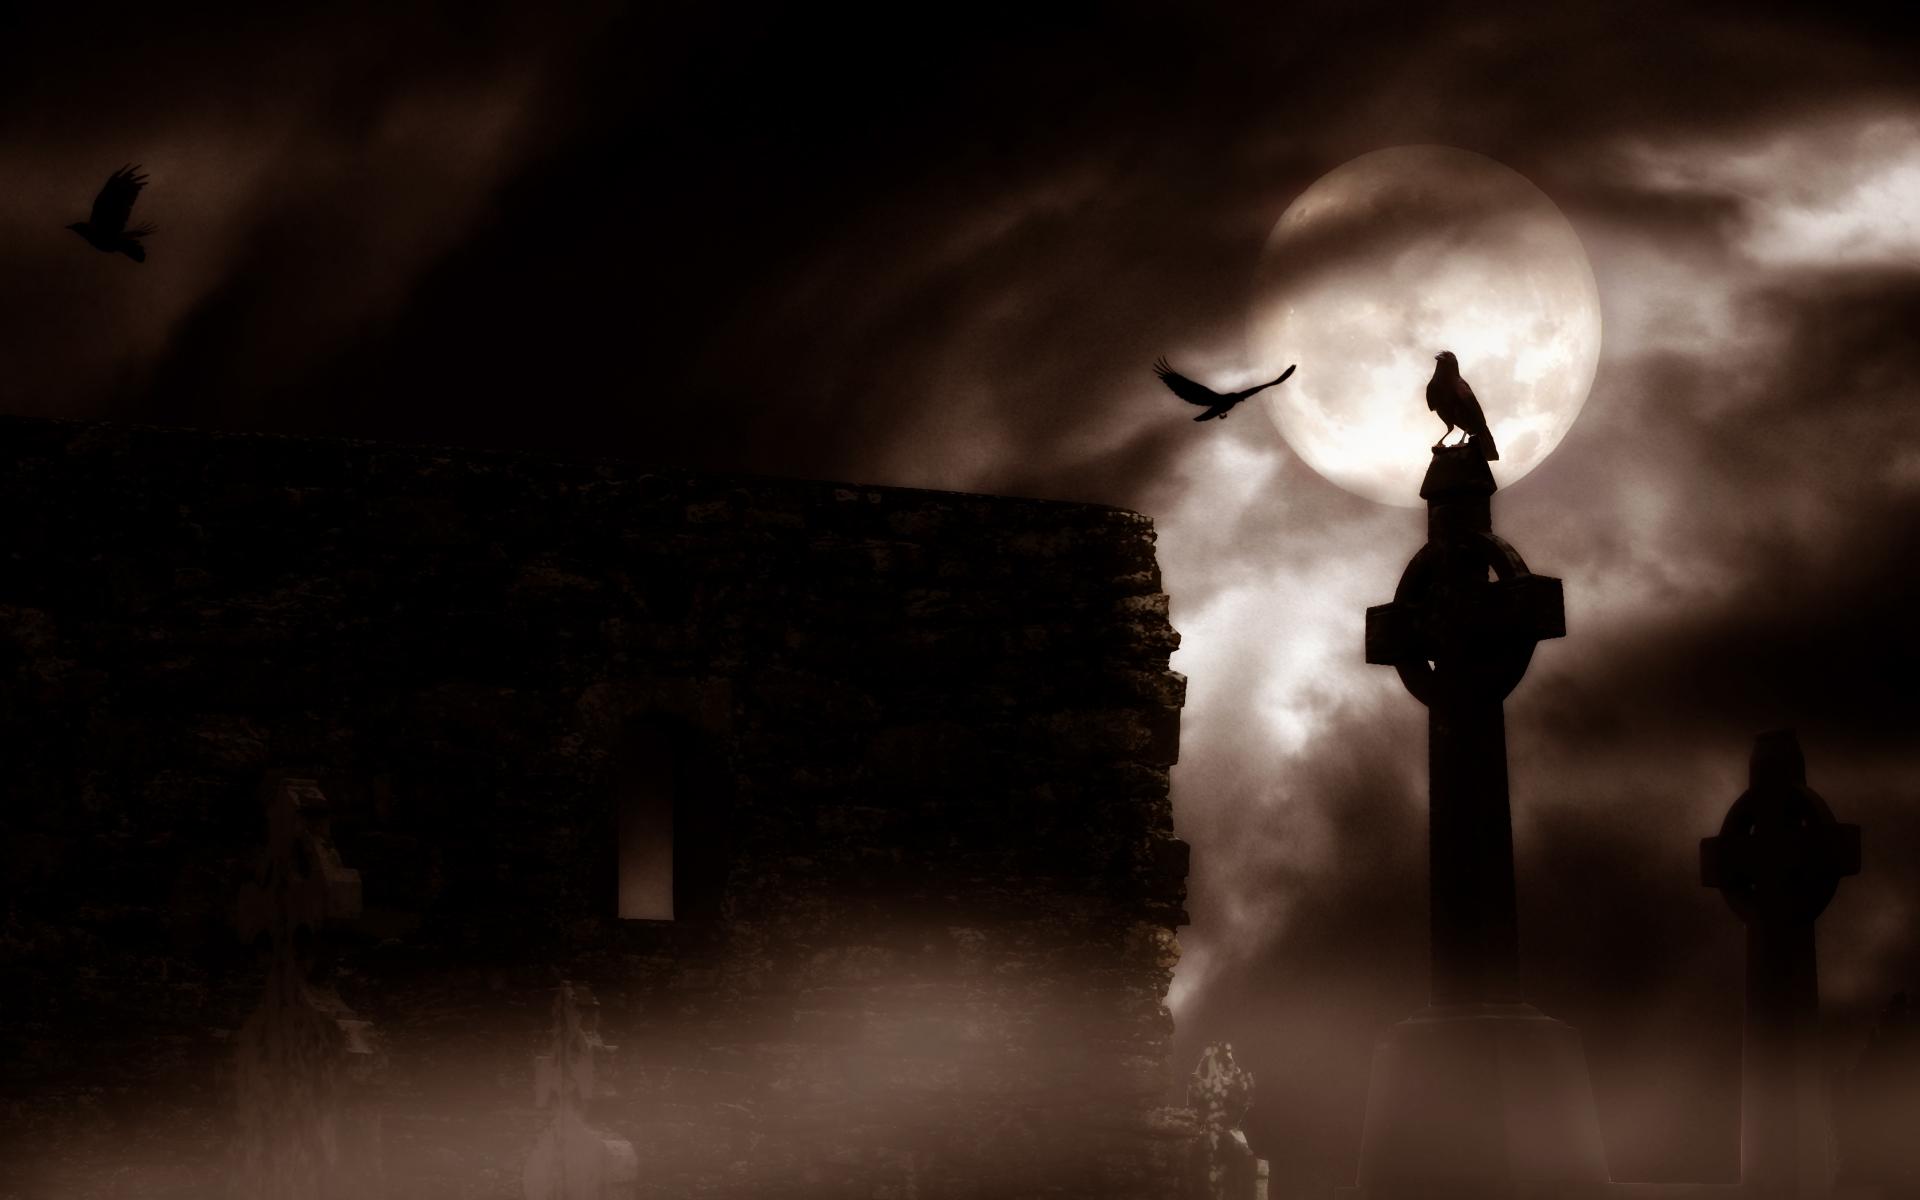 Dark Gothic Wallpaper 4265